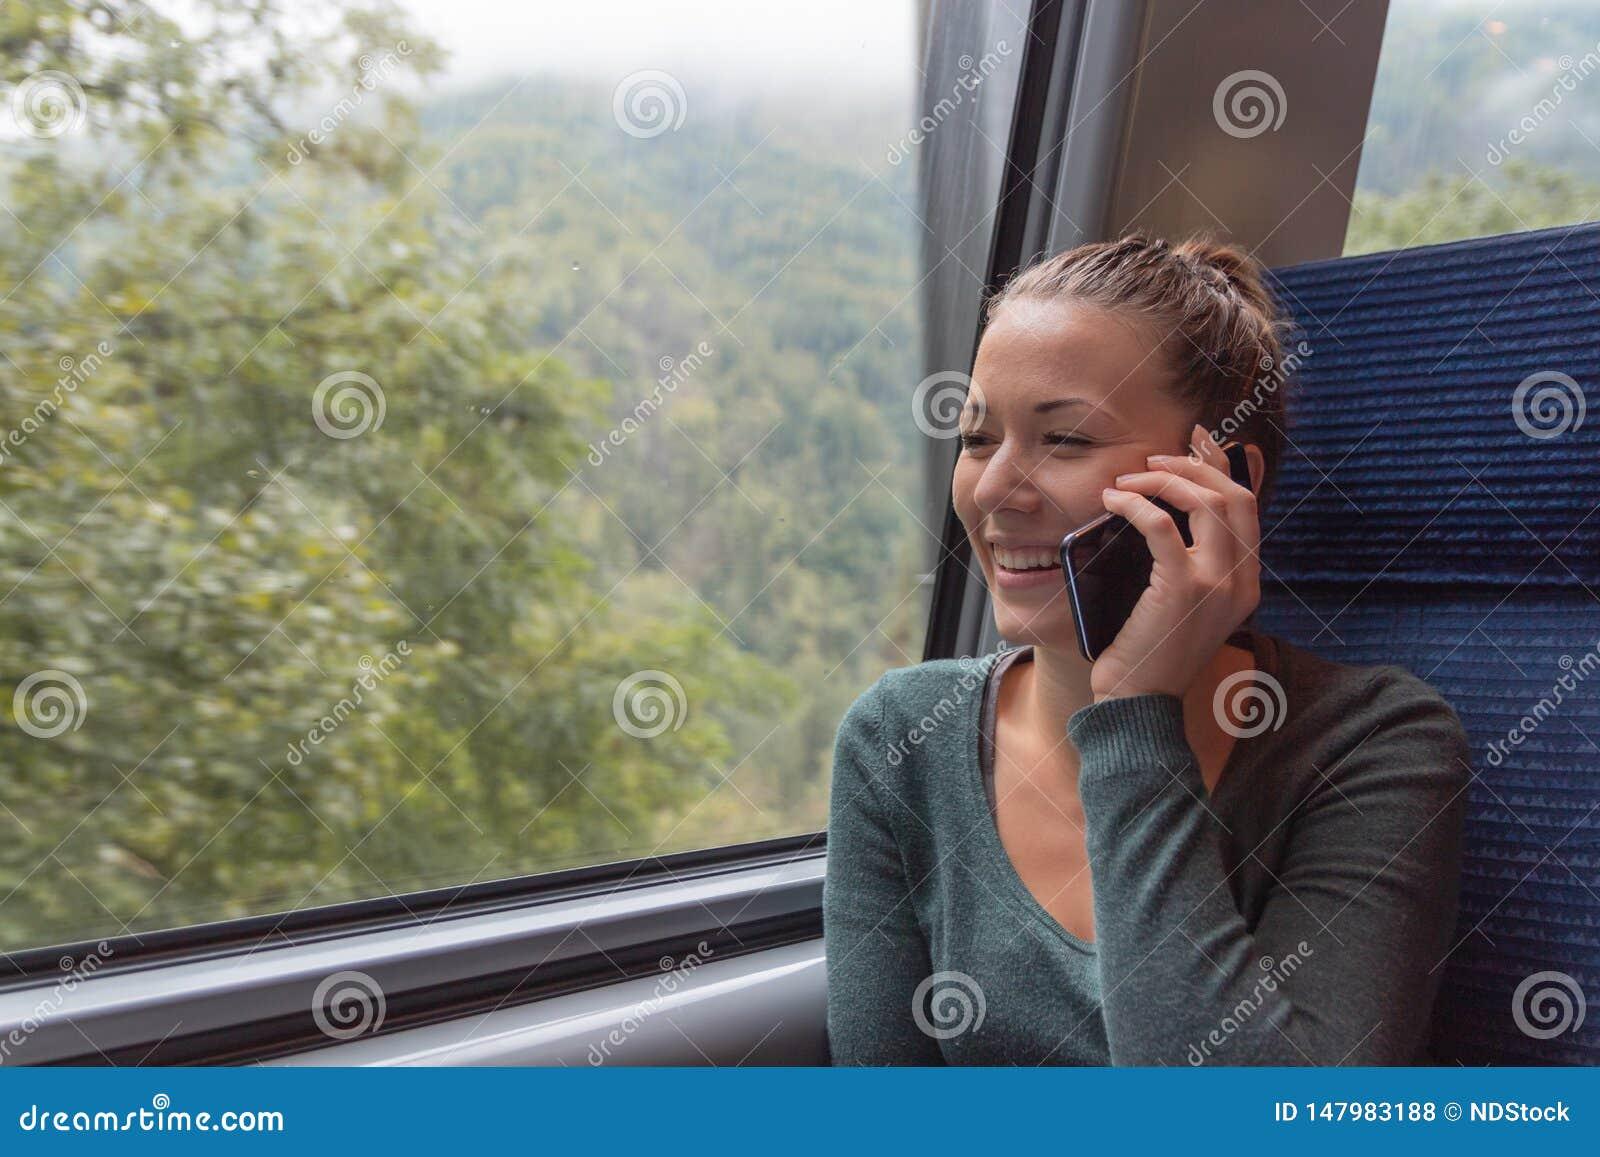 Junge Frau, die mit seinem Smartphone während einer Reise im Zug anruft, während sie arbeiten wird